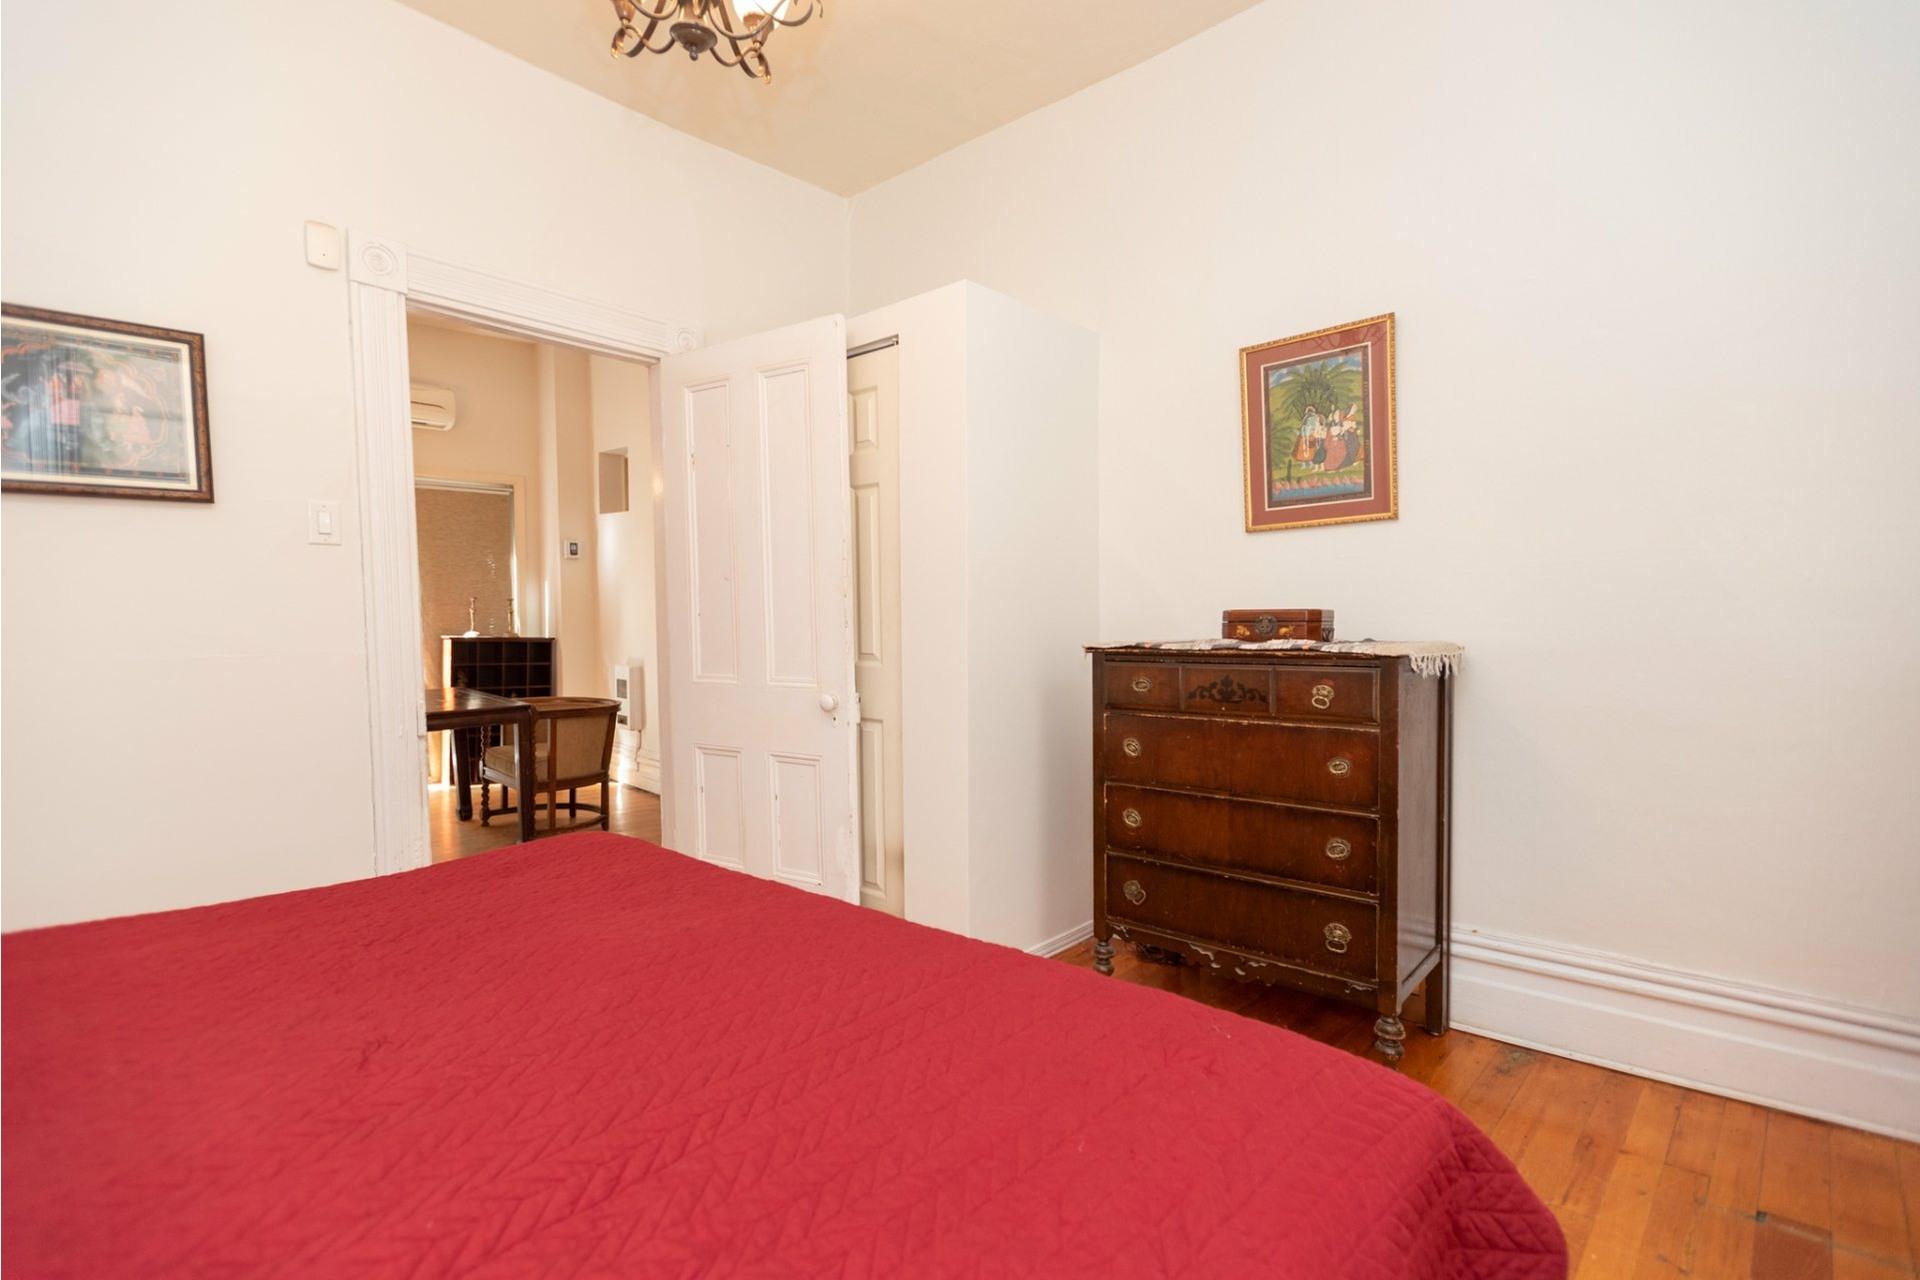 image 14 - Apartment For sale Ville-Marie Montréal  - 5 rooms